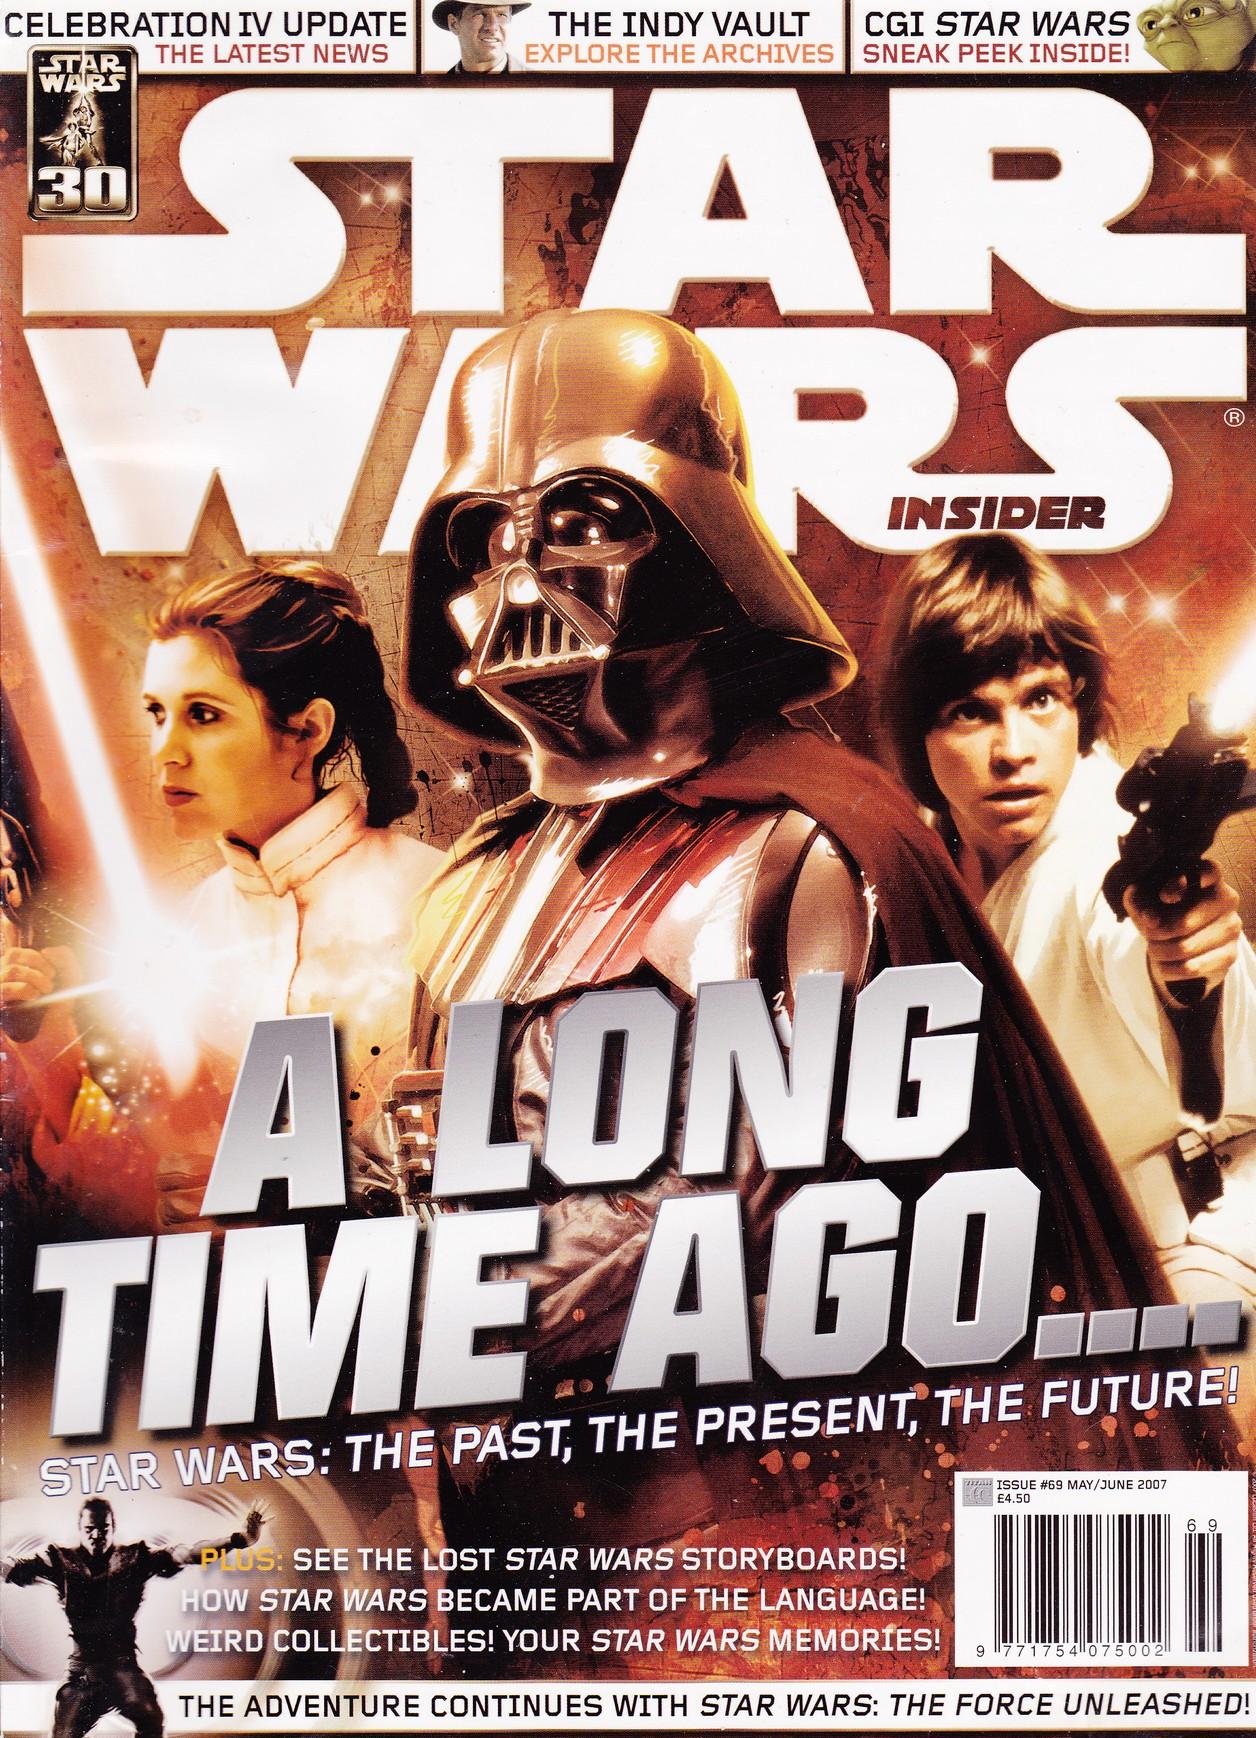 Star Wars Insider 93